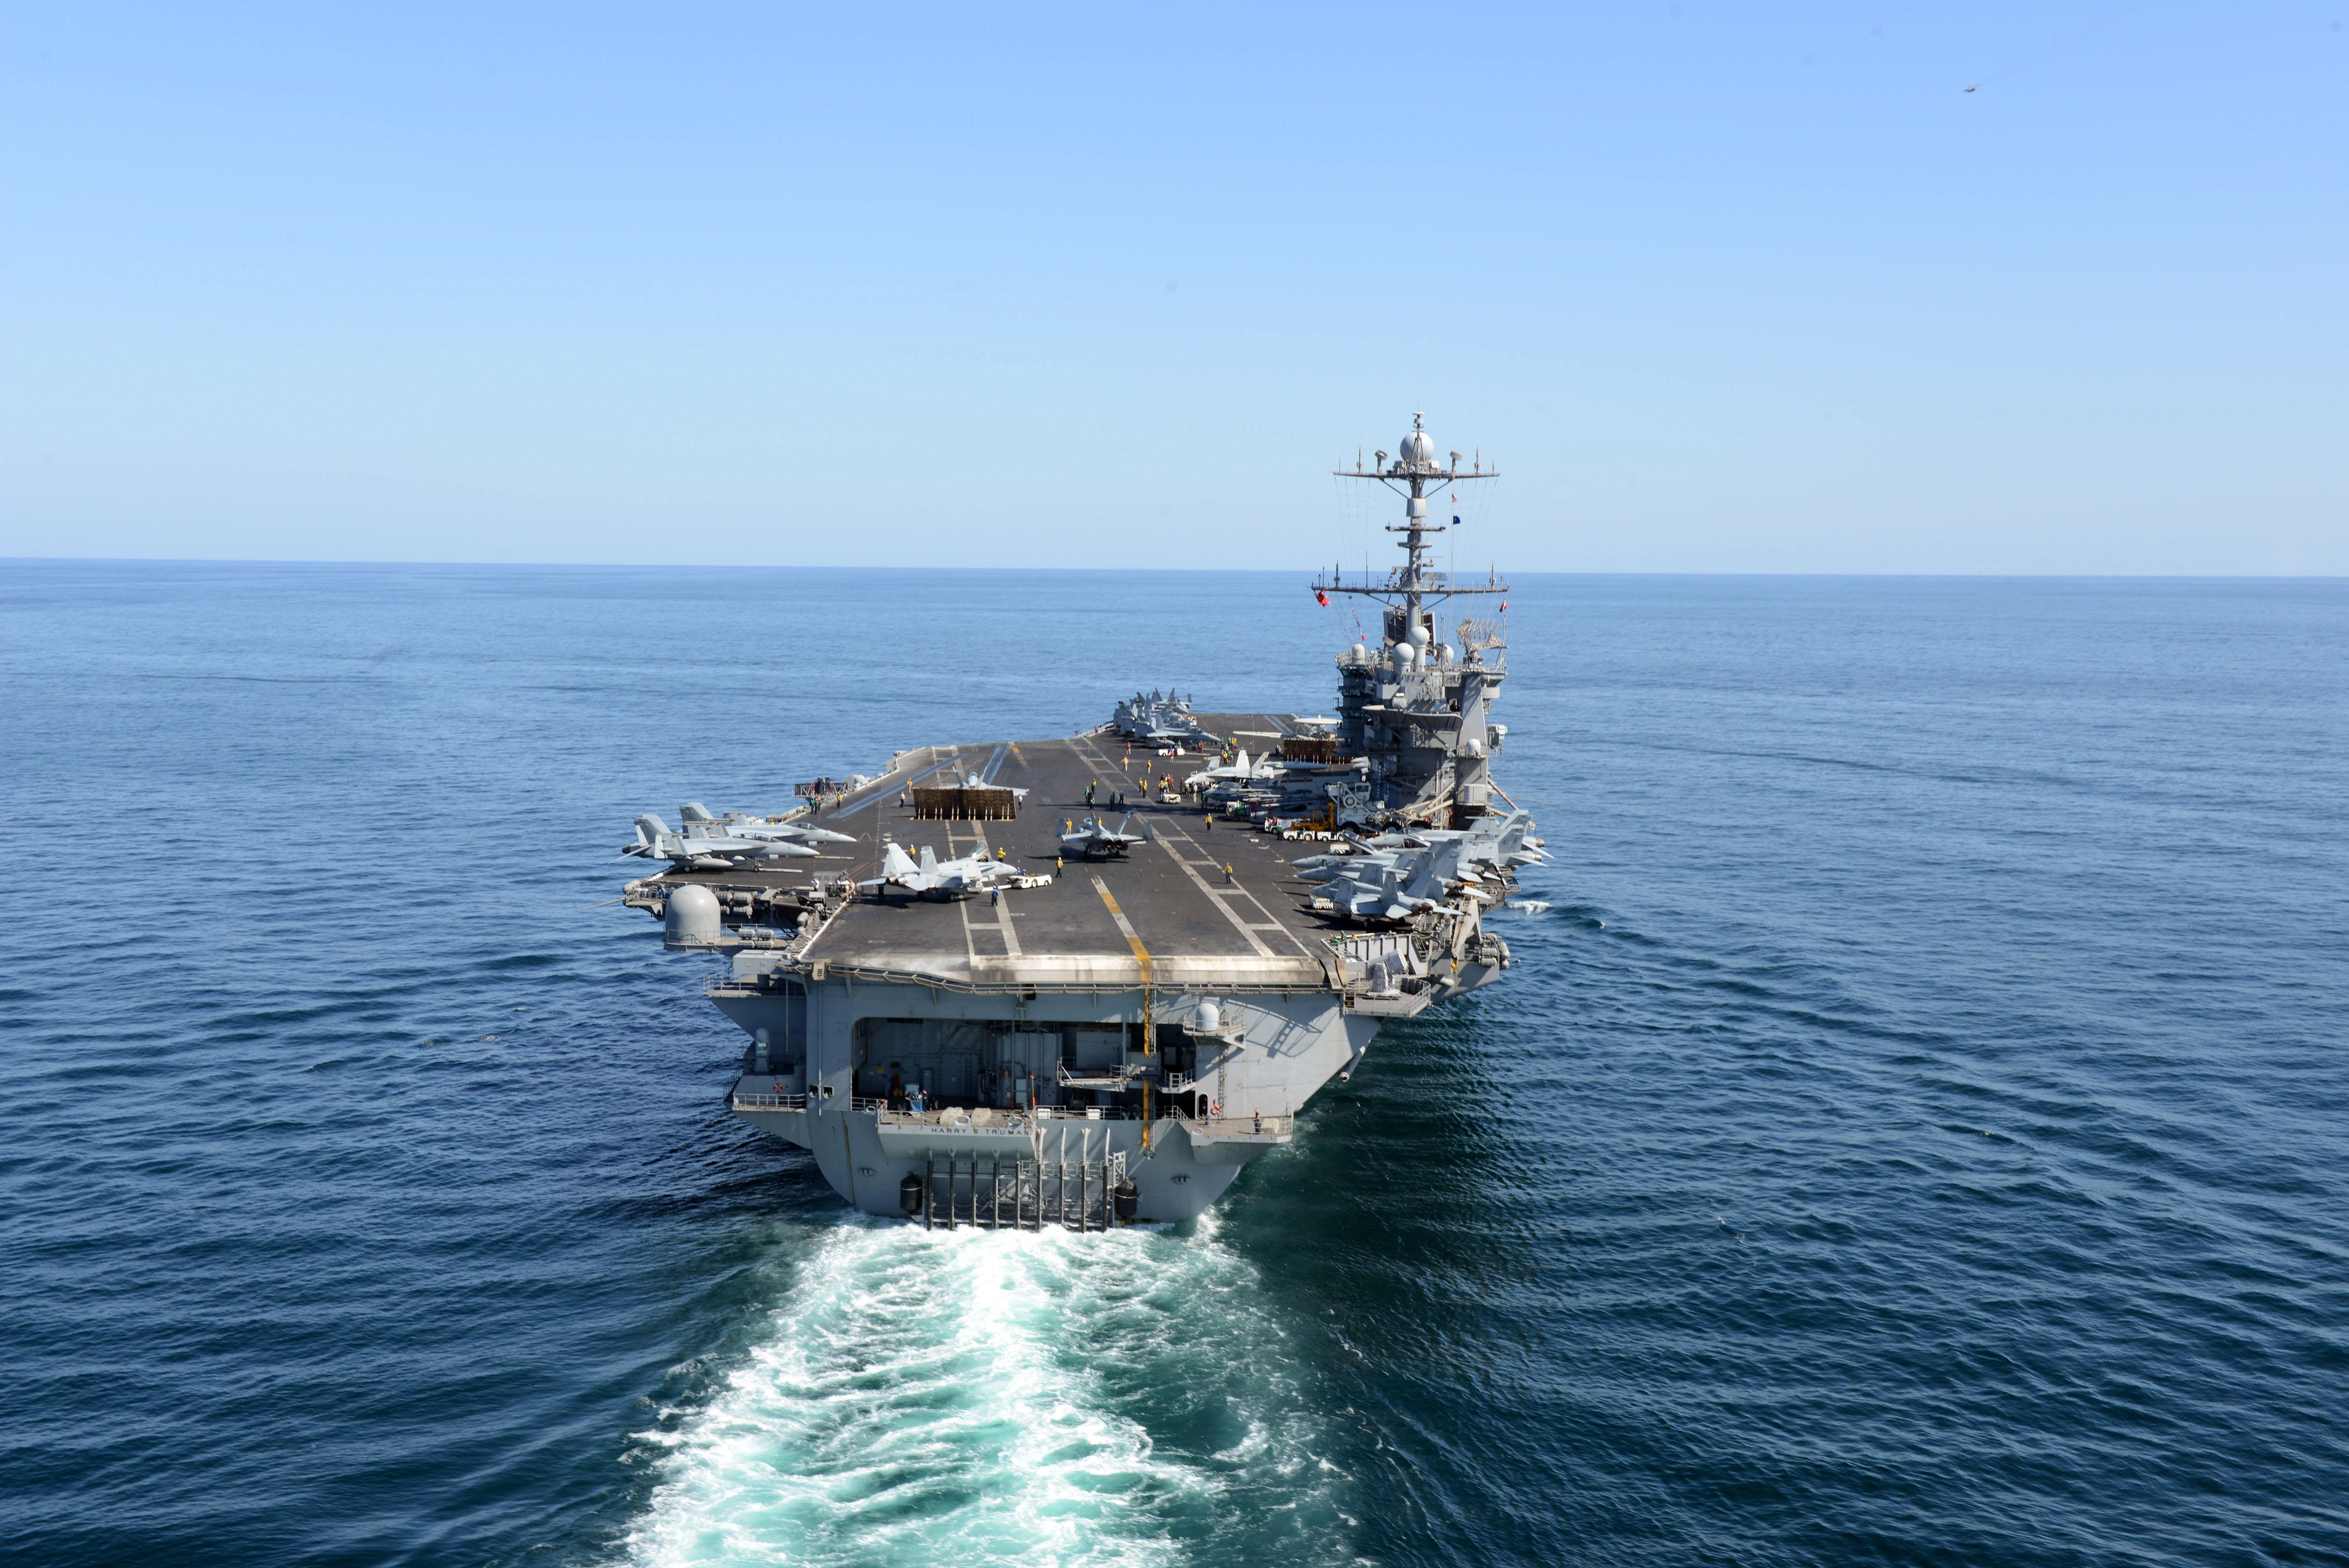 USS HARRY S. TRUMAN CVN-75 am 11.11.2013 im Arabischen Meer Bild: U.S. Navy